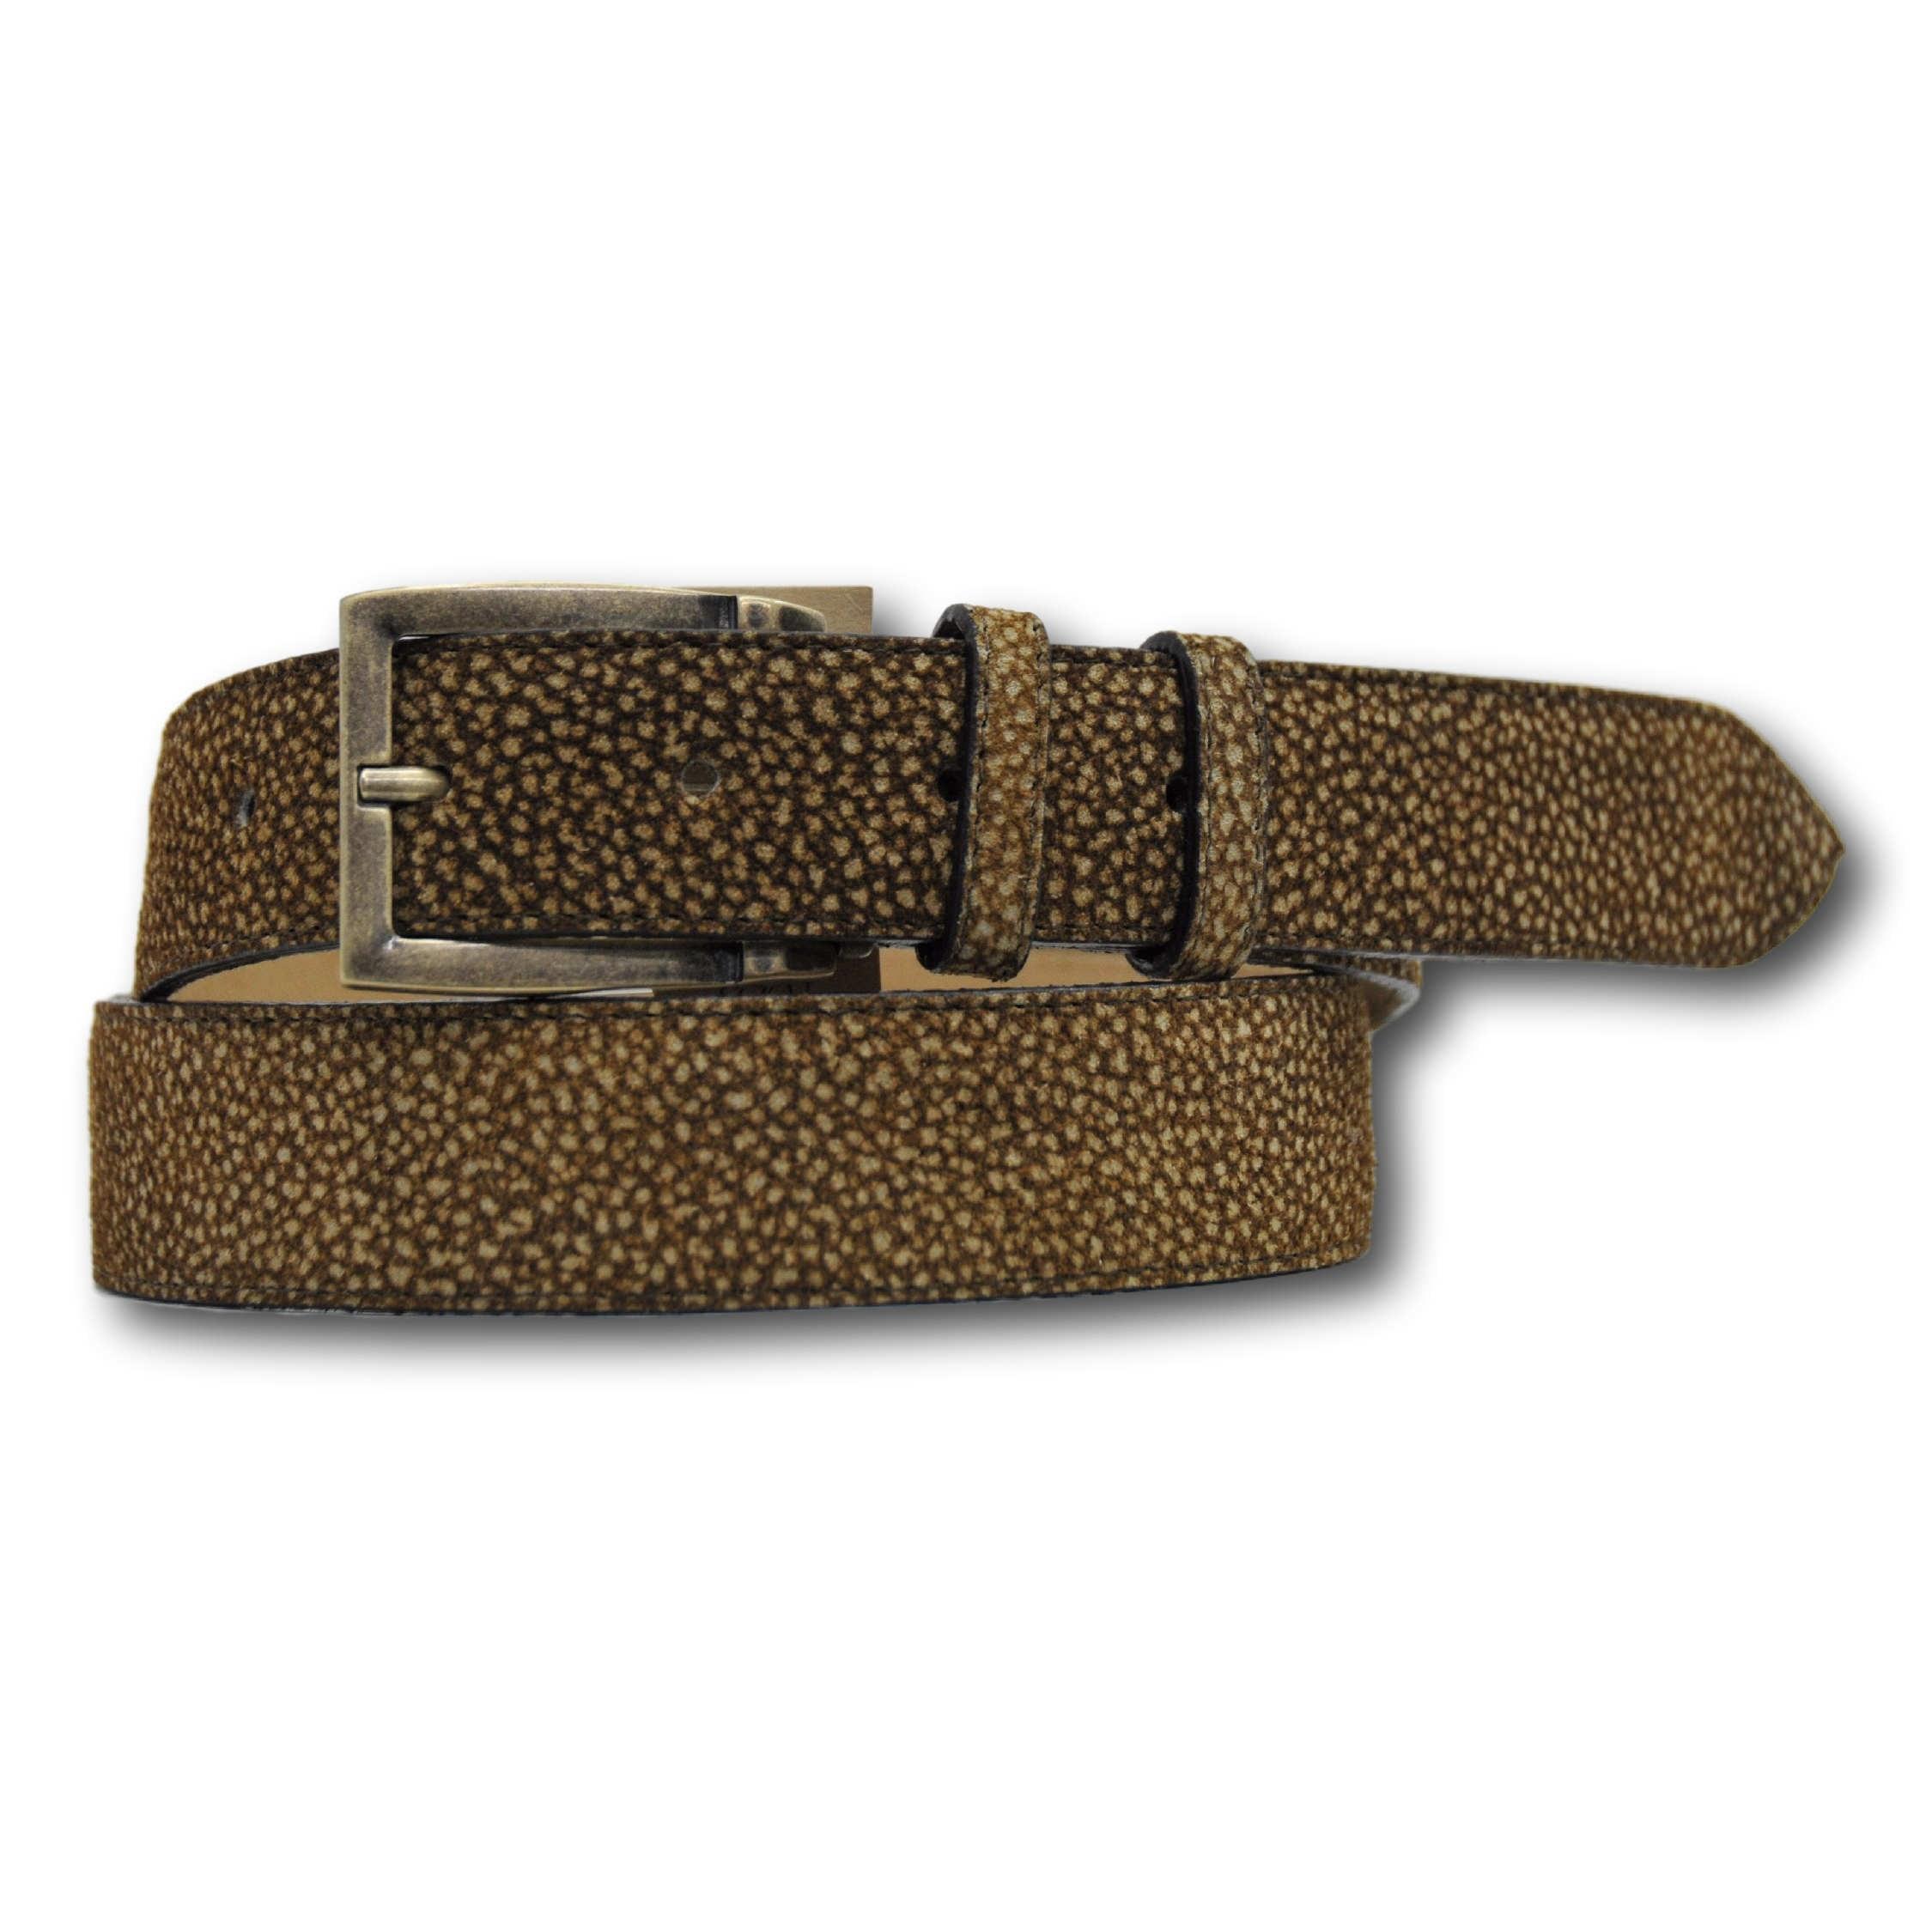 Cintura donna in vera pelle di tapiro